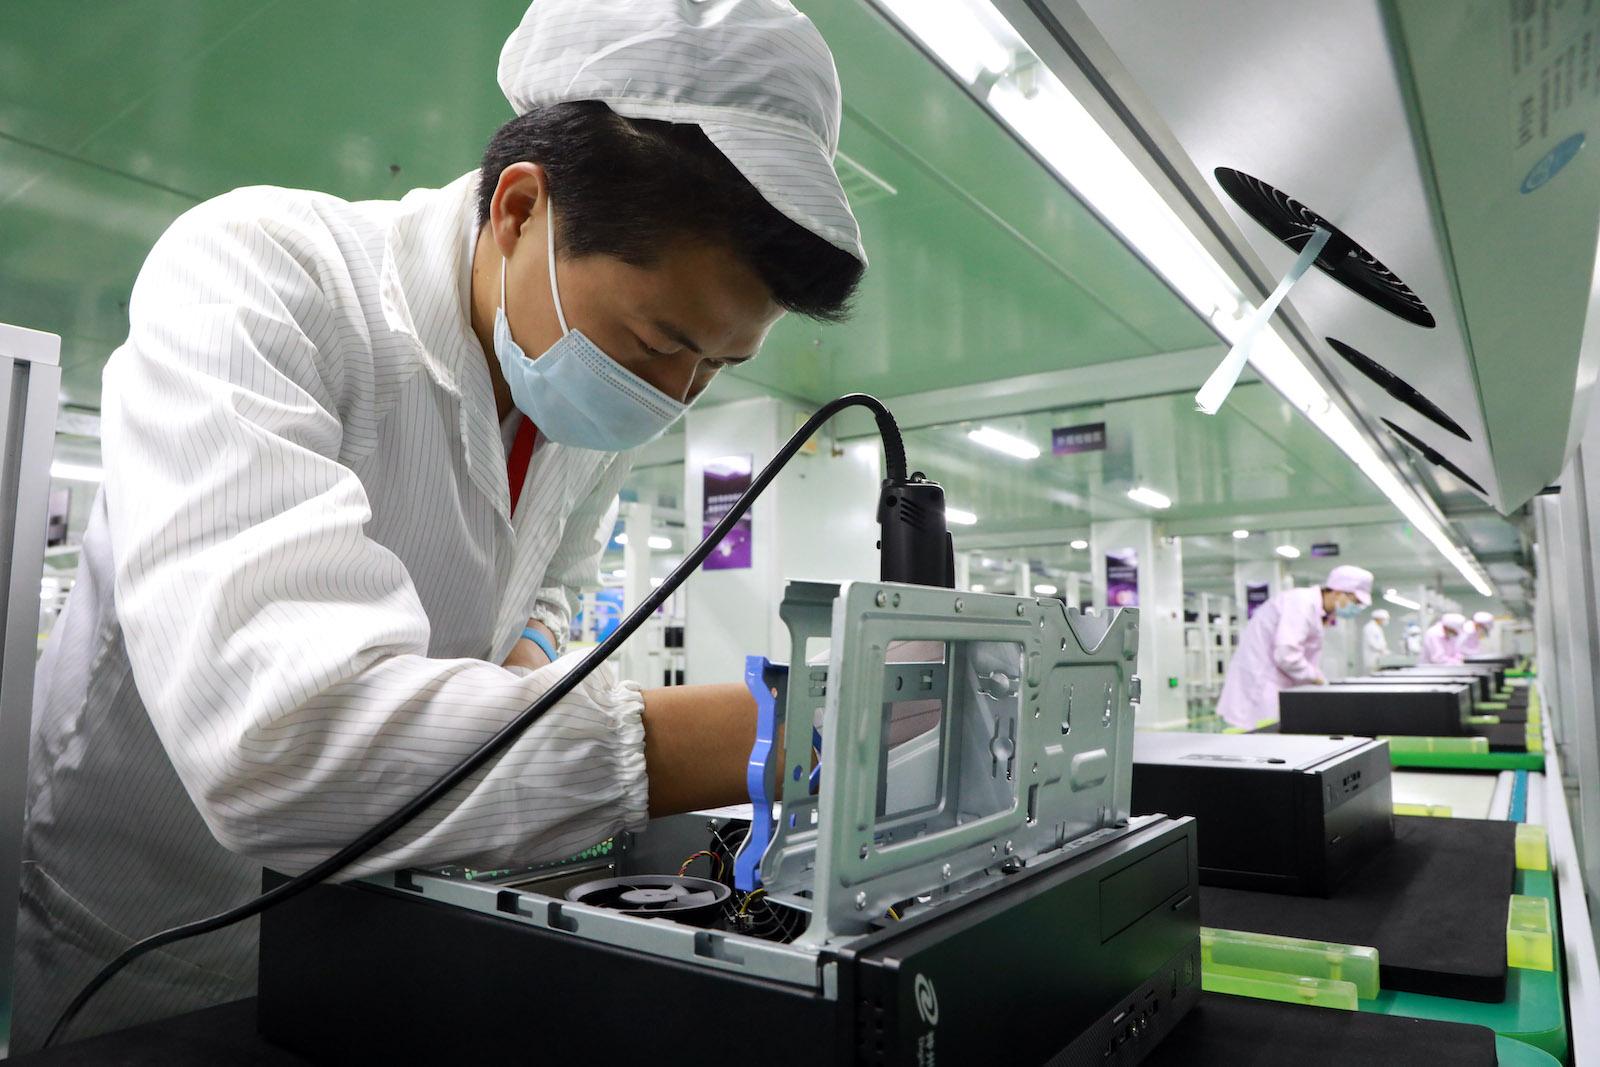 廈門,中國-5月15日:員工在數字中國集團昆泰生產基地的生產線上工作,2020年5月15日在中國福建省廈門市。  (VCG / VCG通過Getty Images拍攝)